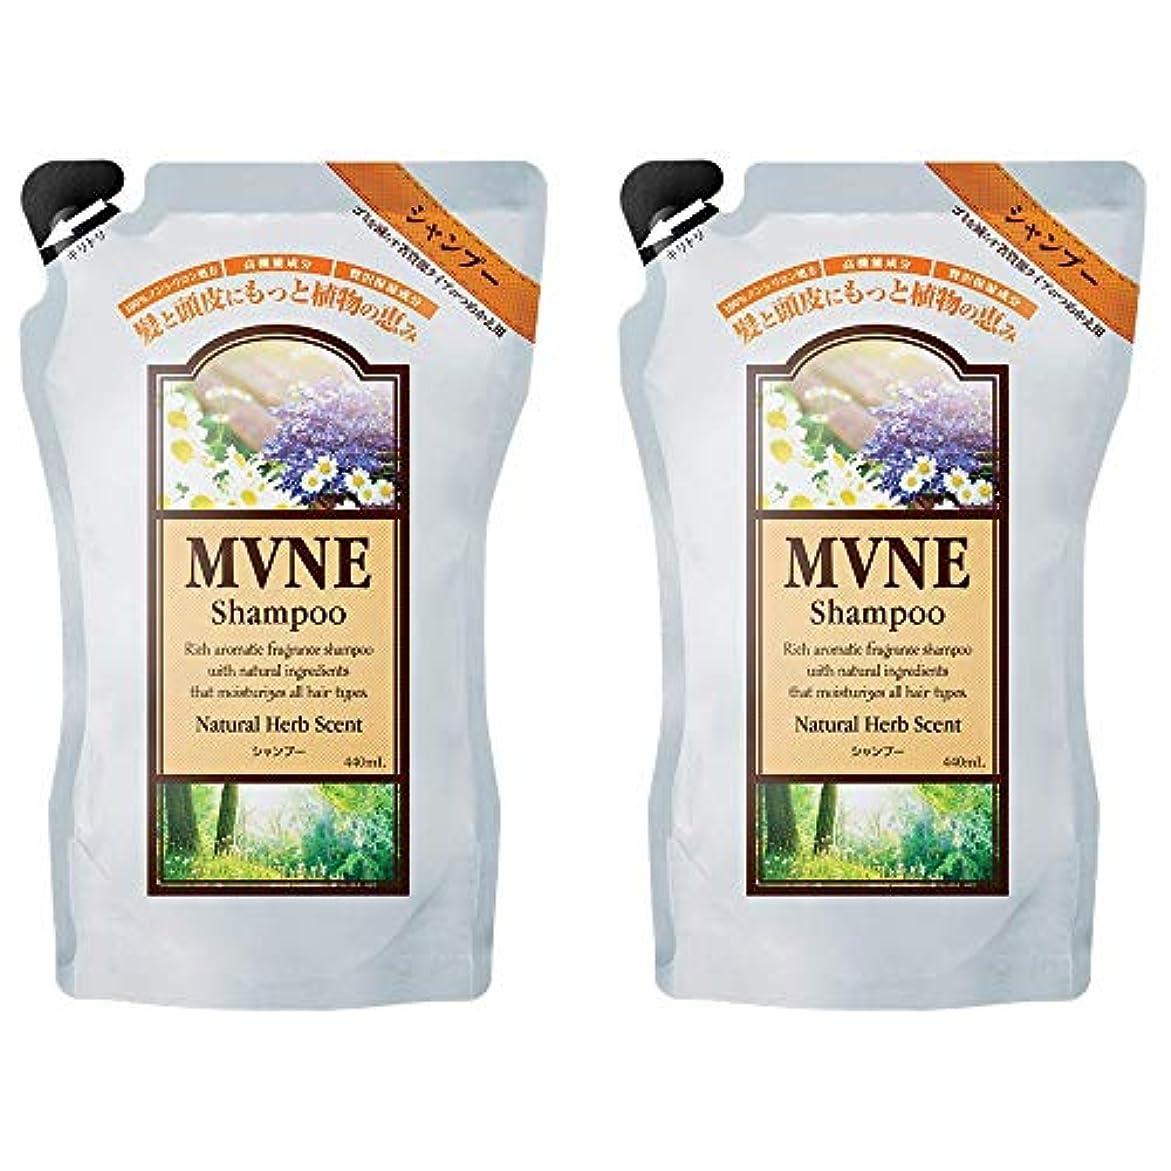 争い小麦受粉するMVNE シャンプーつめかえ 2個セットA (440mL × 2)